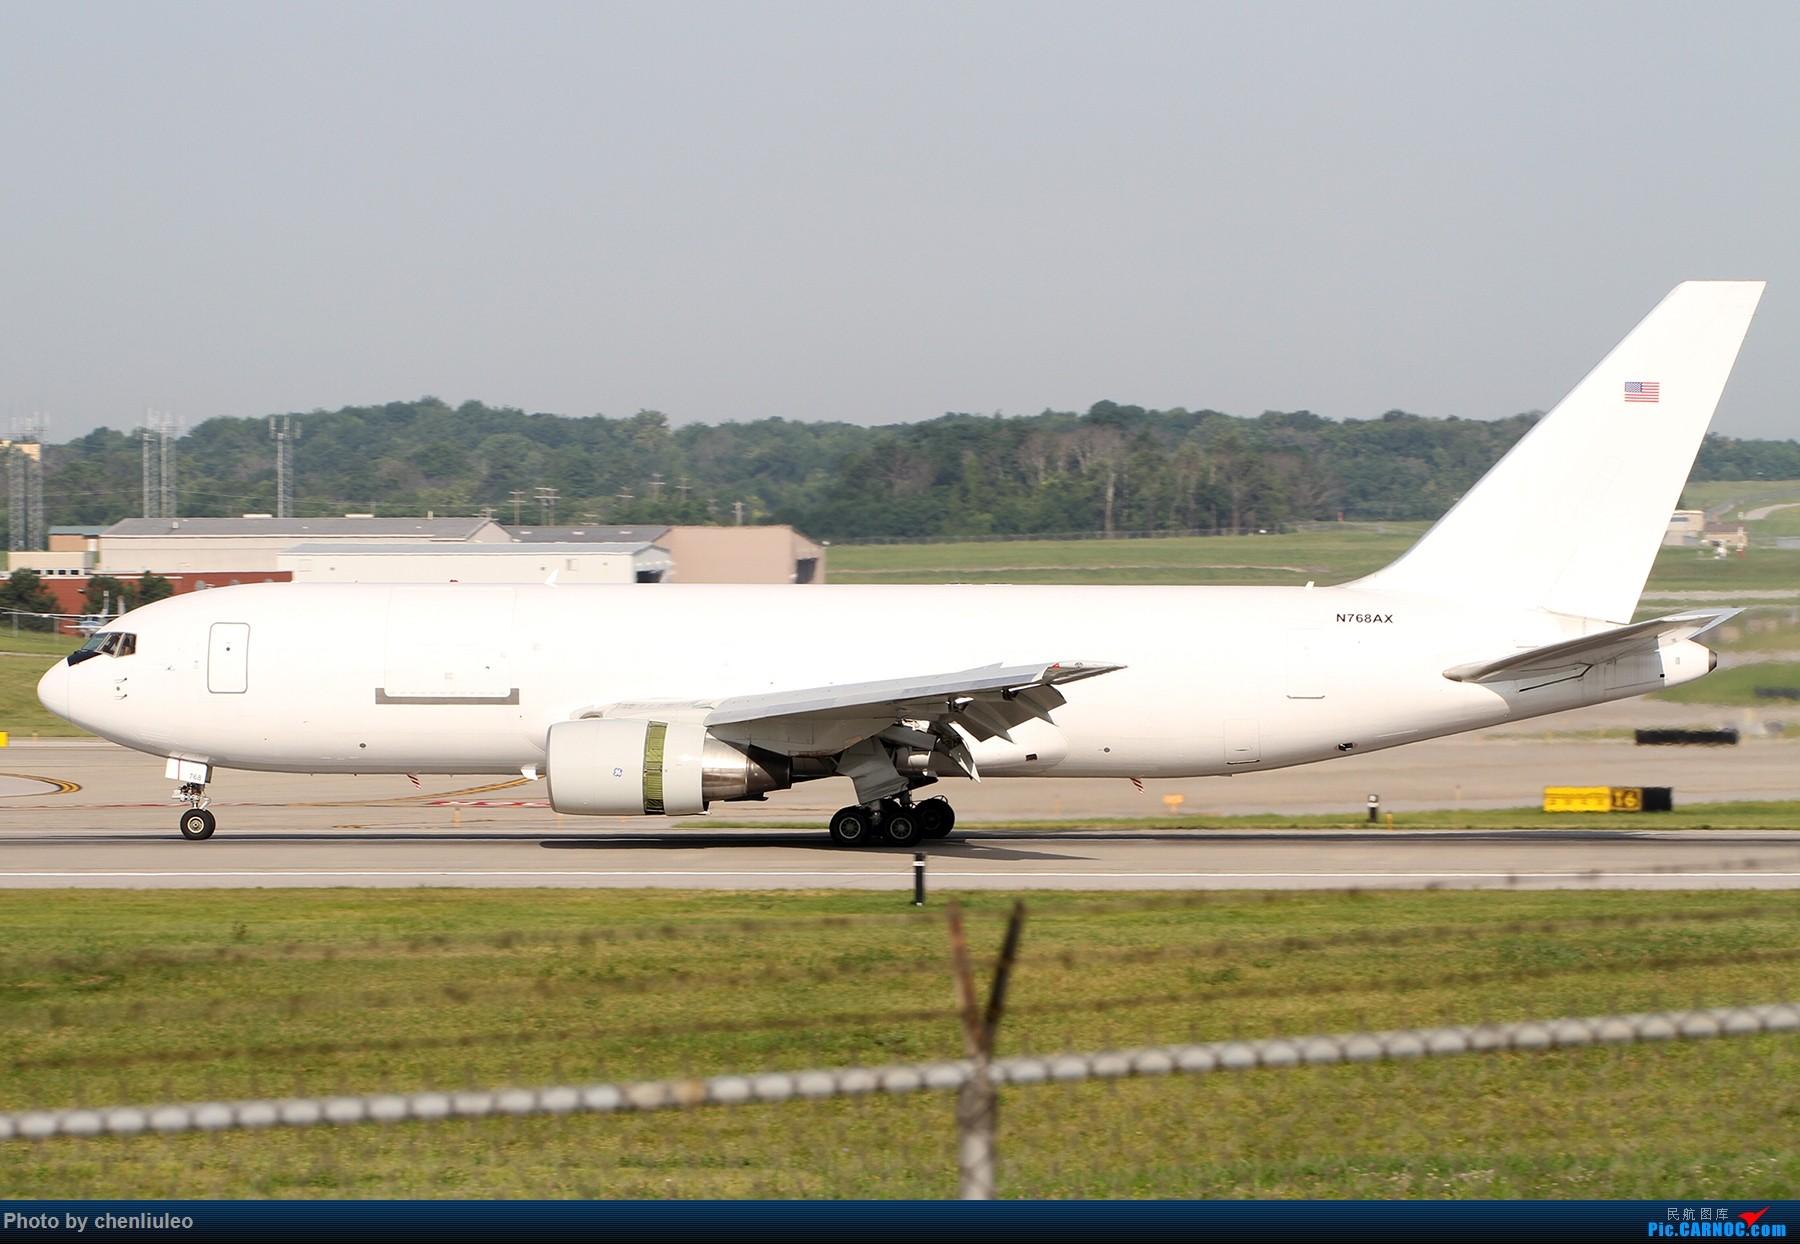 Re:[原创]【北美飞友会】辛辛那提北肯塔基国际机场 货机的天堂 BOEING 767-200 N768AX 美国辛辛那提-北肯塔基国际机场